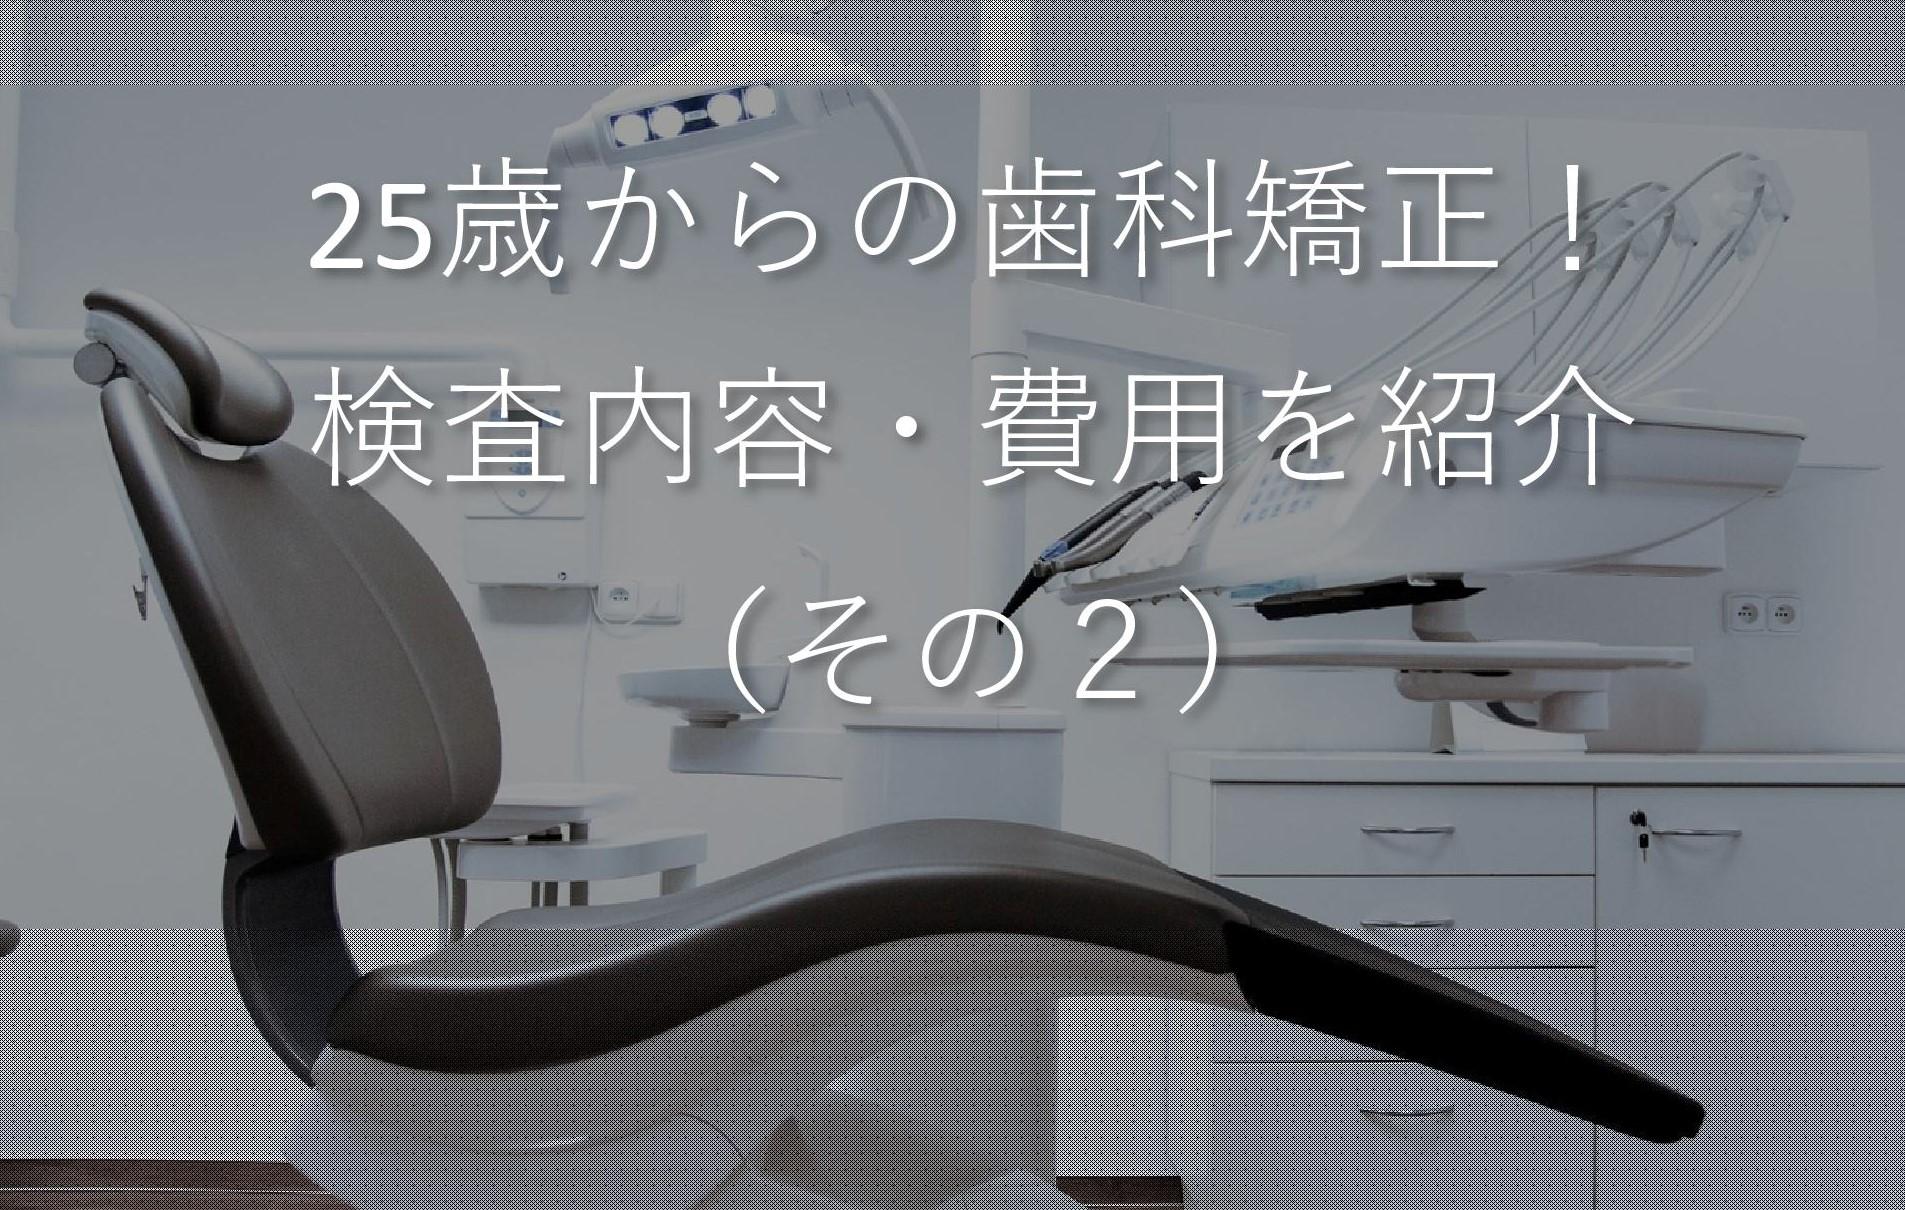 矯正前の検査内容・費用を紹介(その2)!|25歳からの歯科矯正